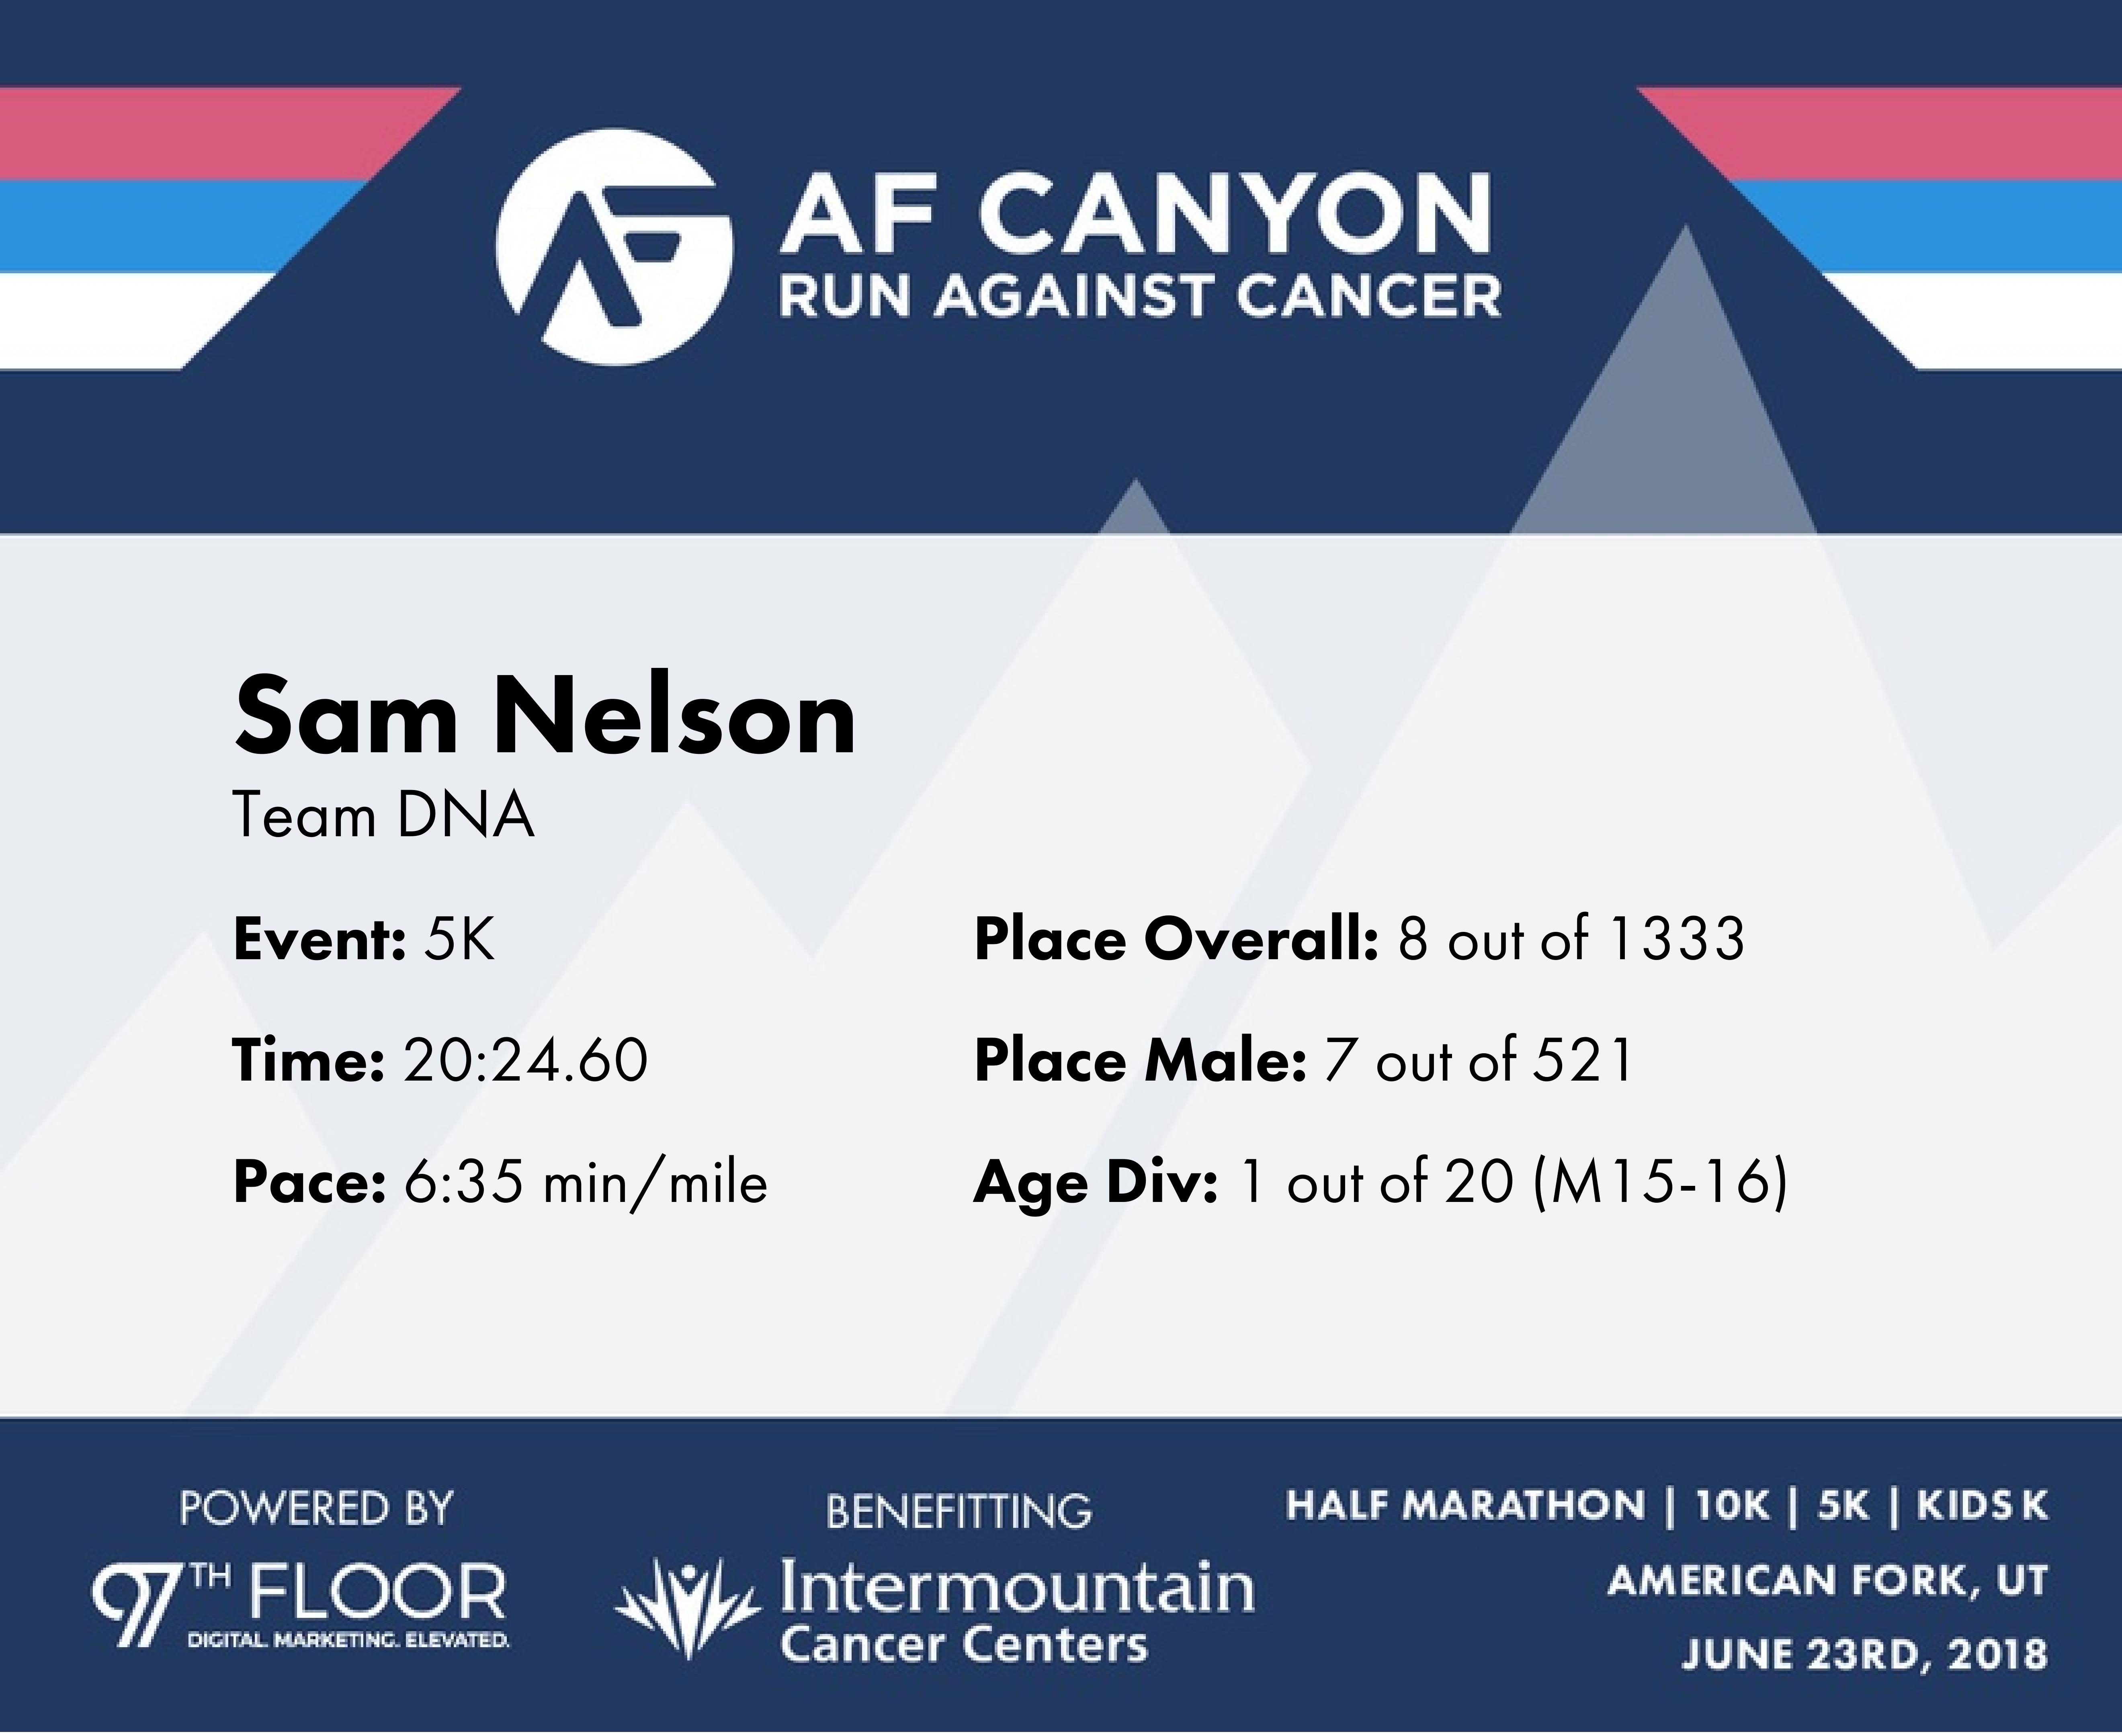 Sam Nelson